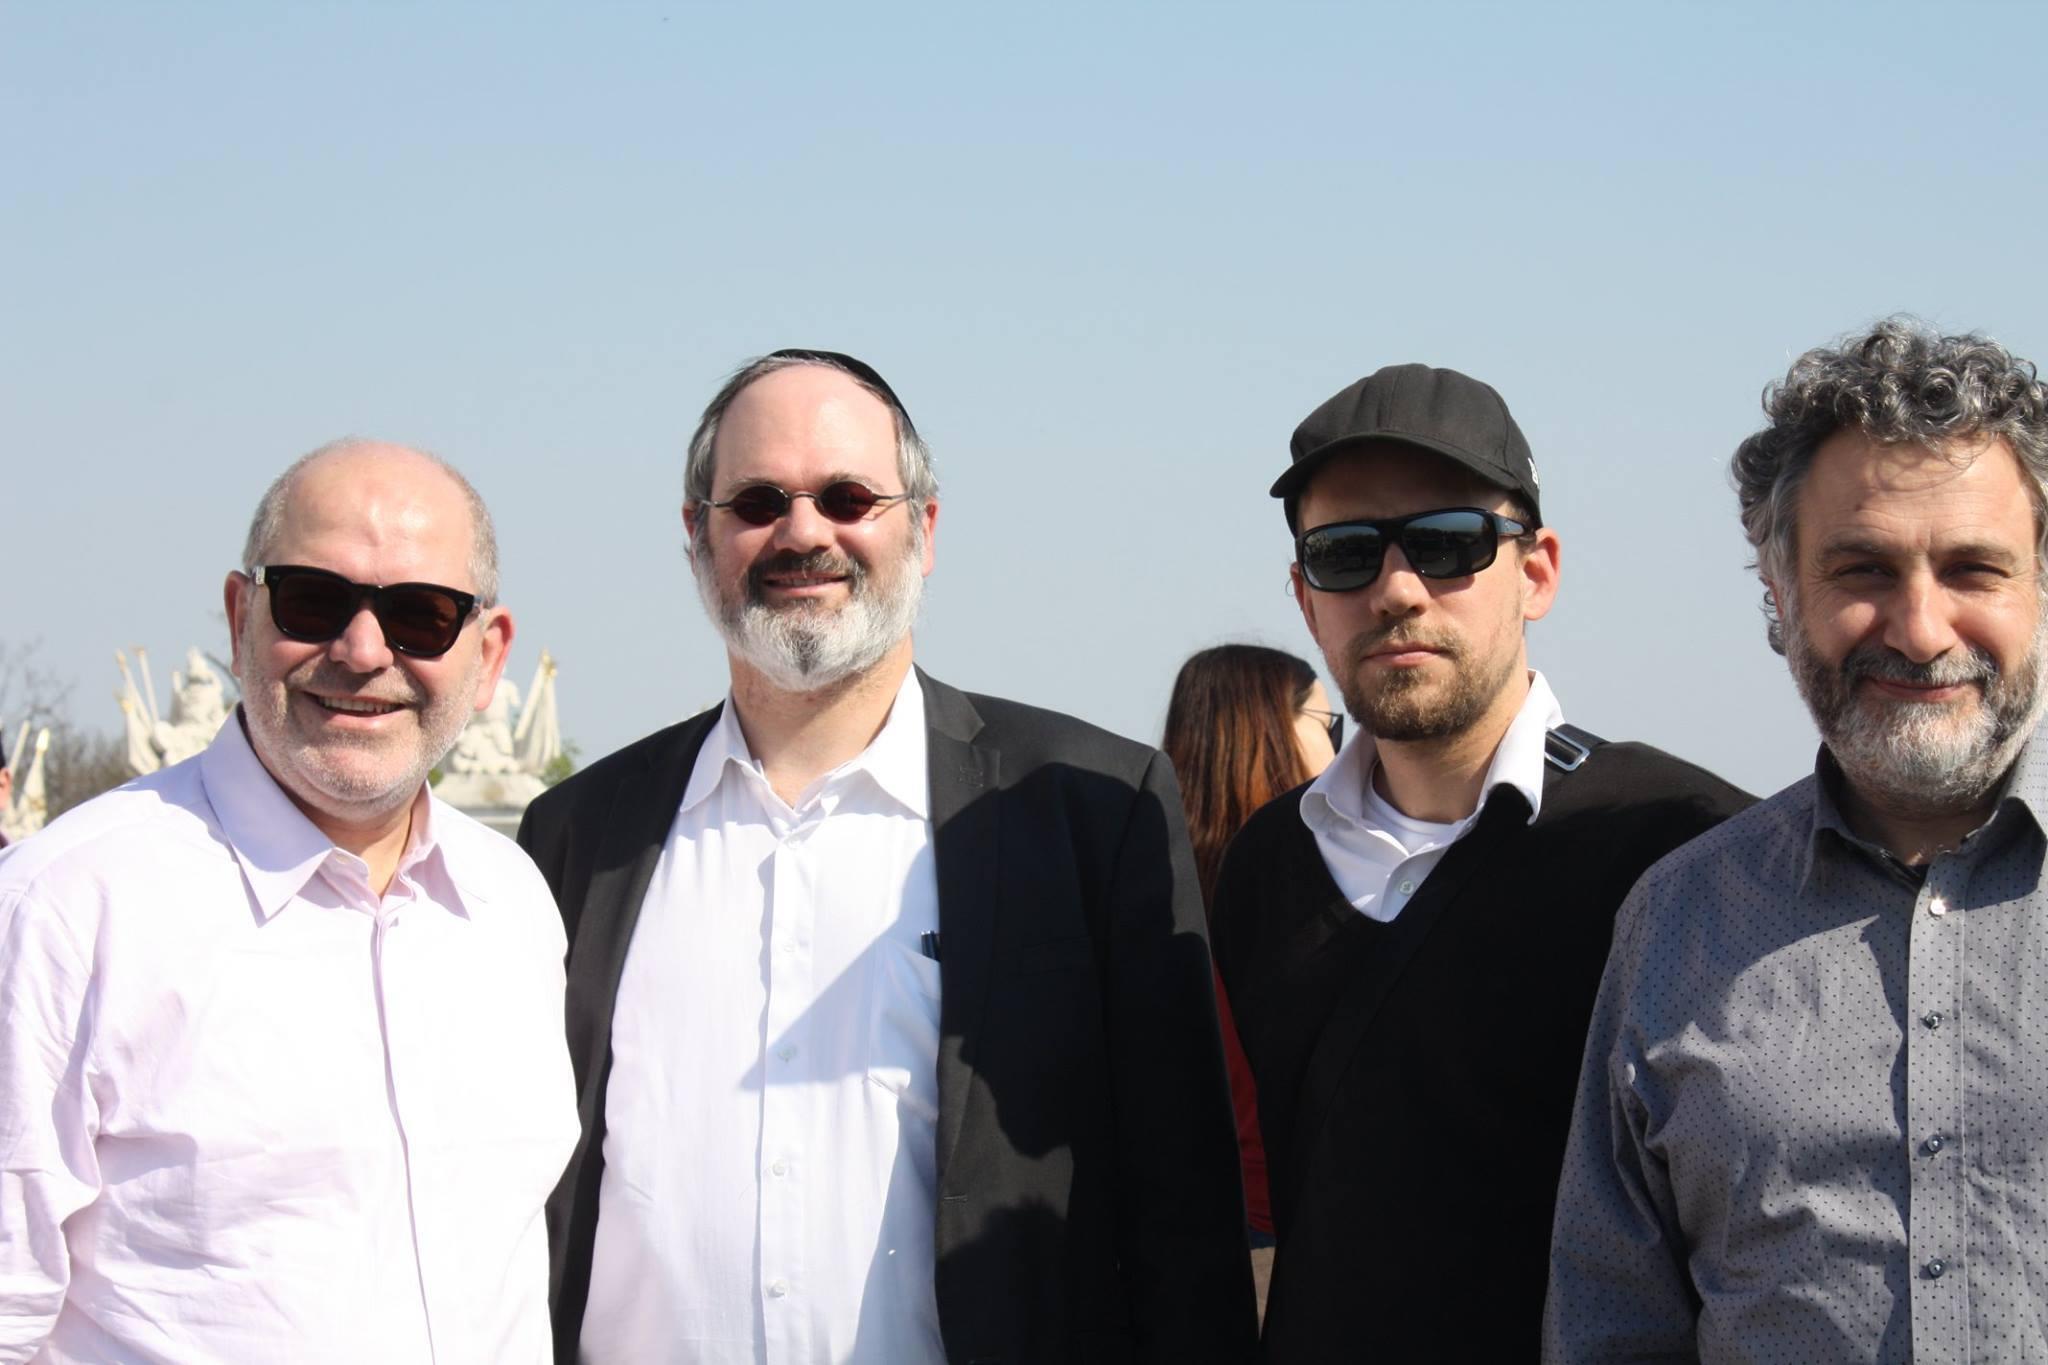 Židé amuslimové ve Vídni oslaví společně Svátek oběti